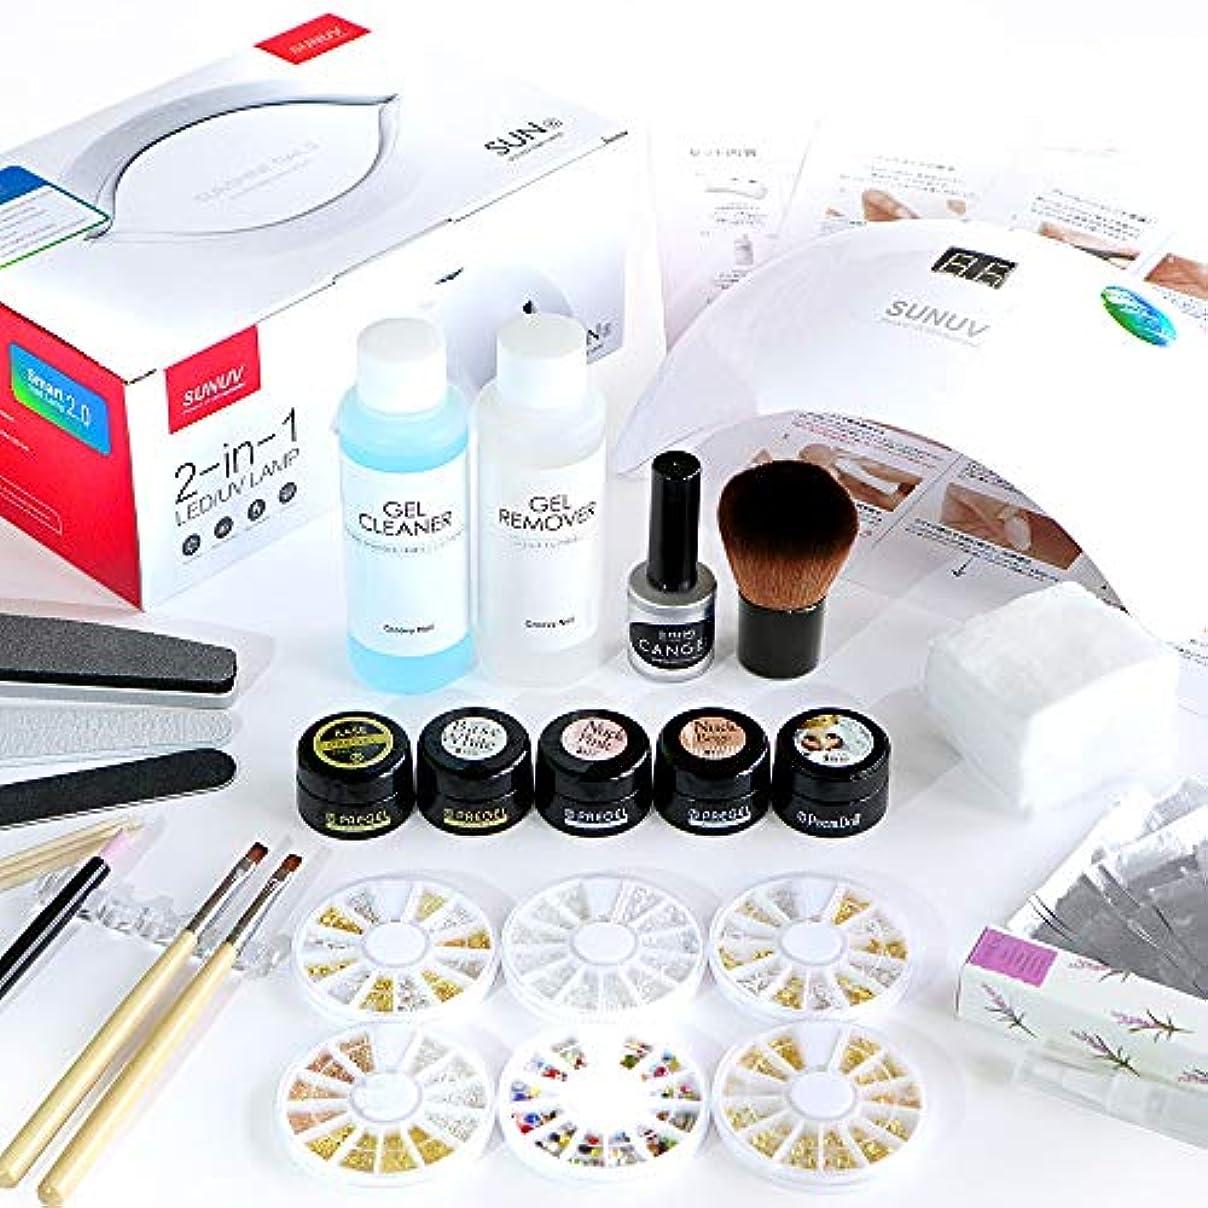 なる簡略化するウィザードPREGEL プリジェル ジェルネイル スターターキット 日本製カラージェル4色+LEDライト48W ネイルアート 初心者におすすめ